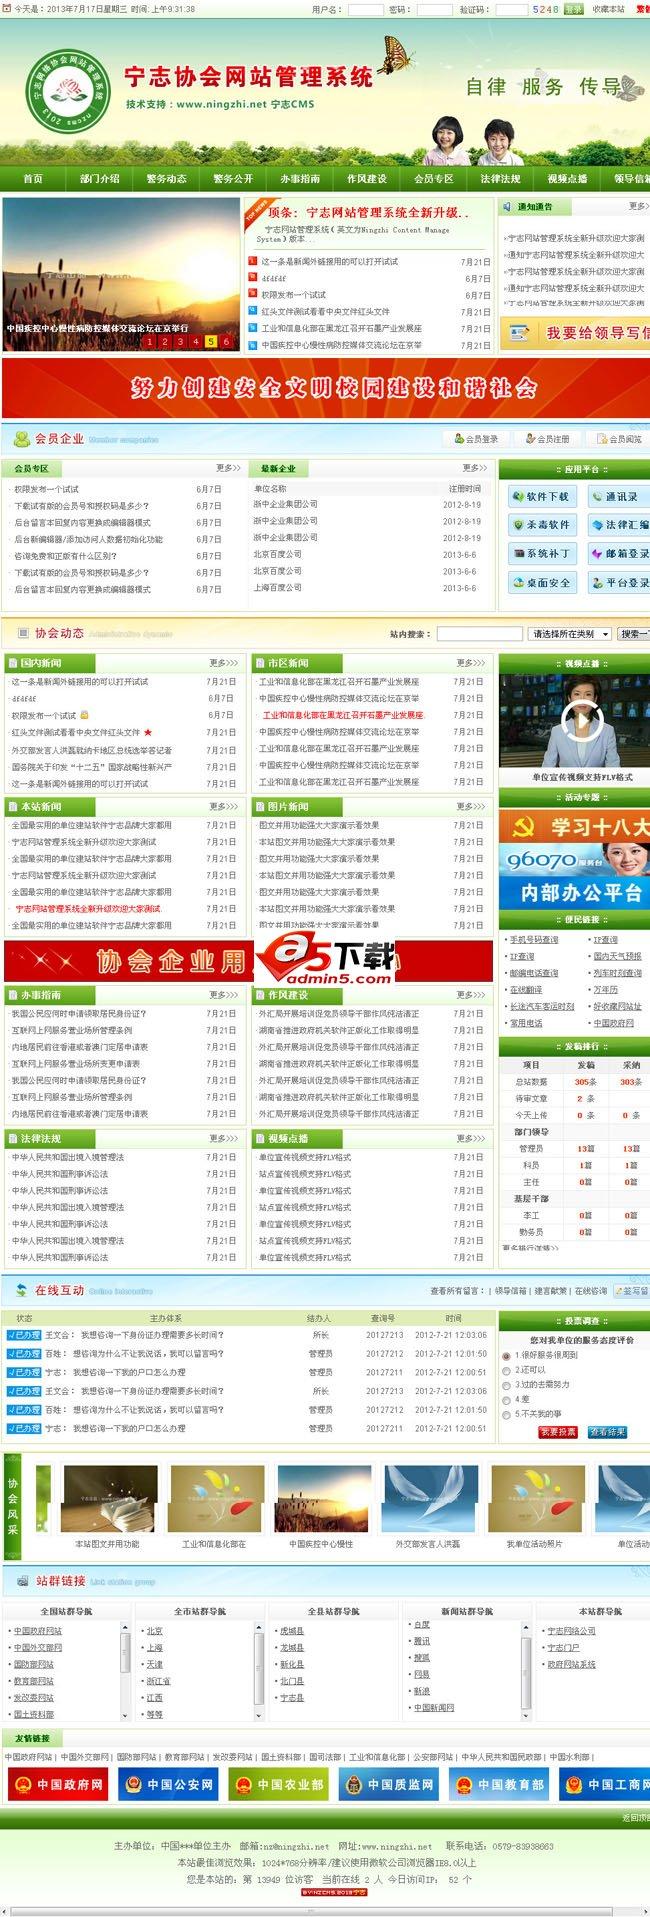 宁志协会团体门户网站系统